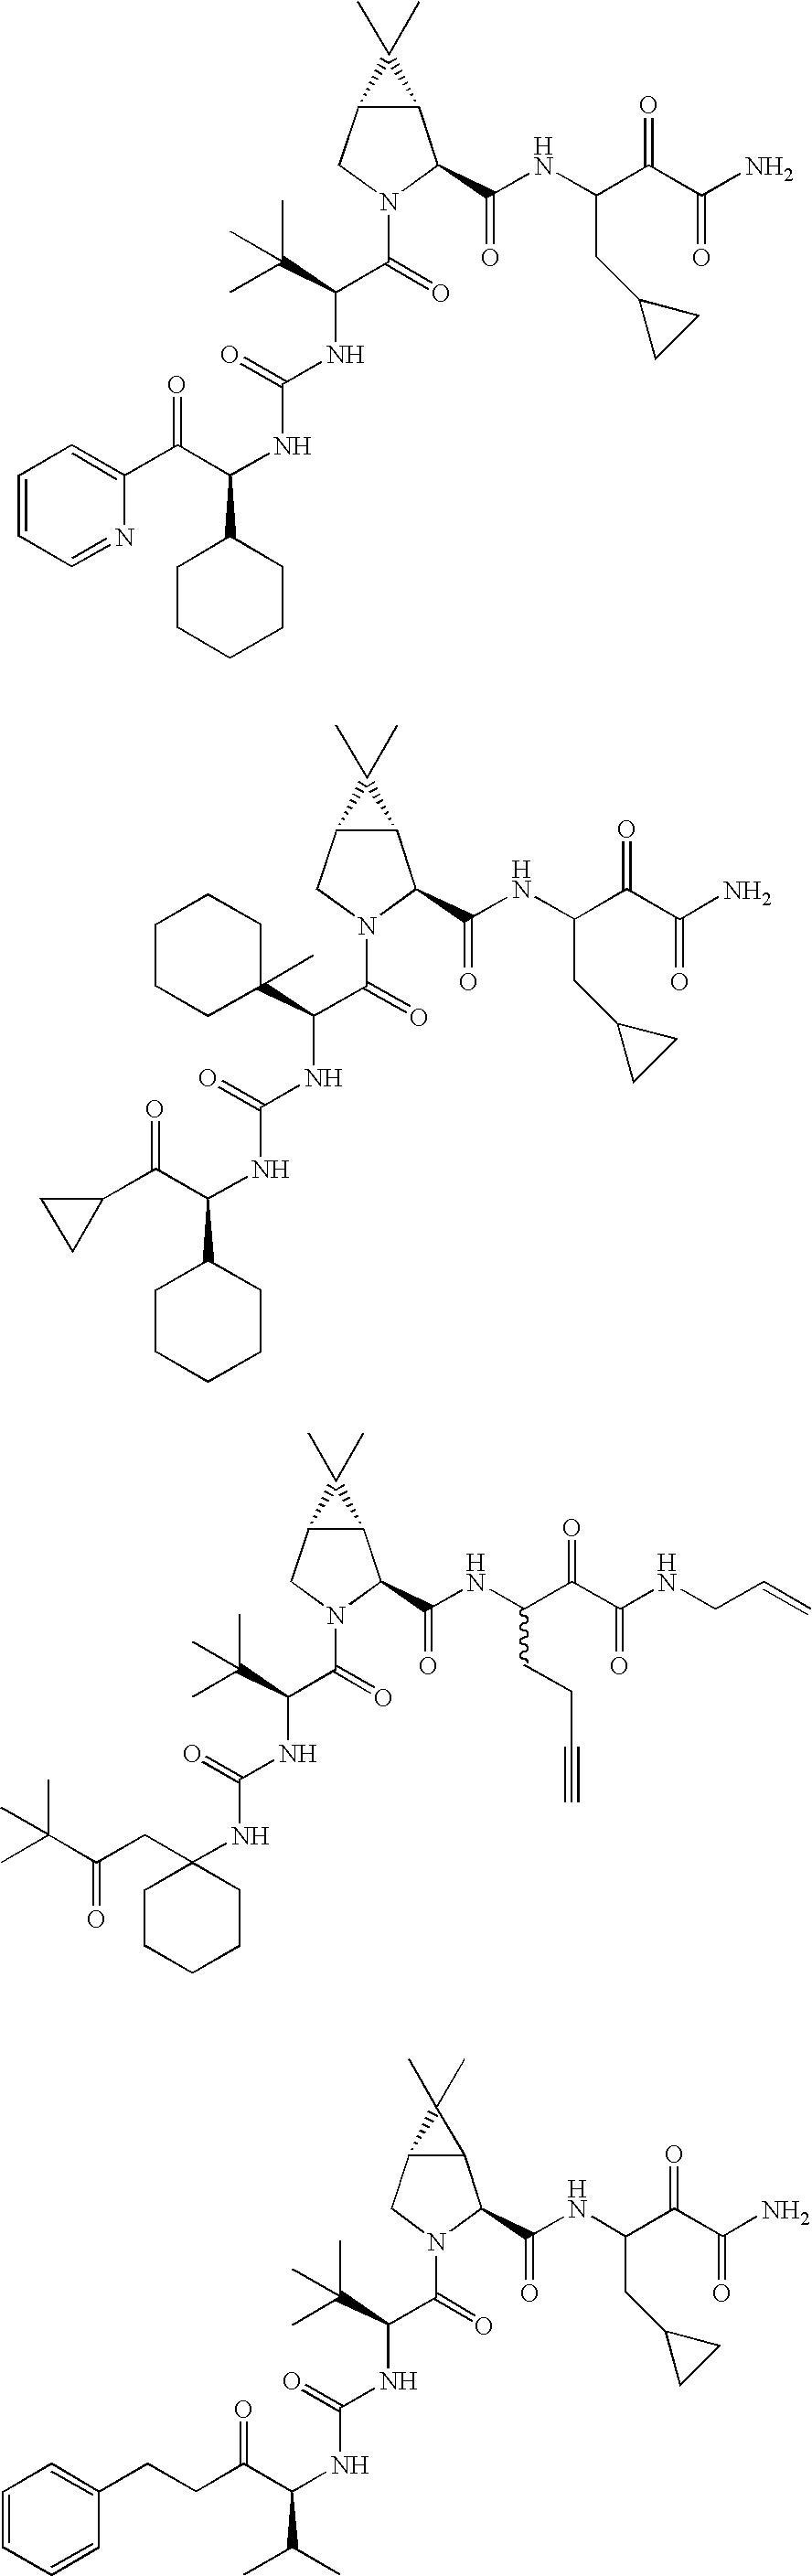 Figure US20060287248A1-20061221-C00223